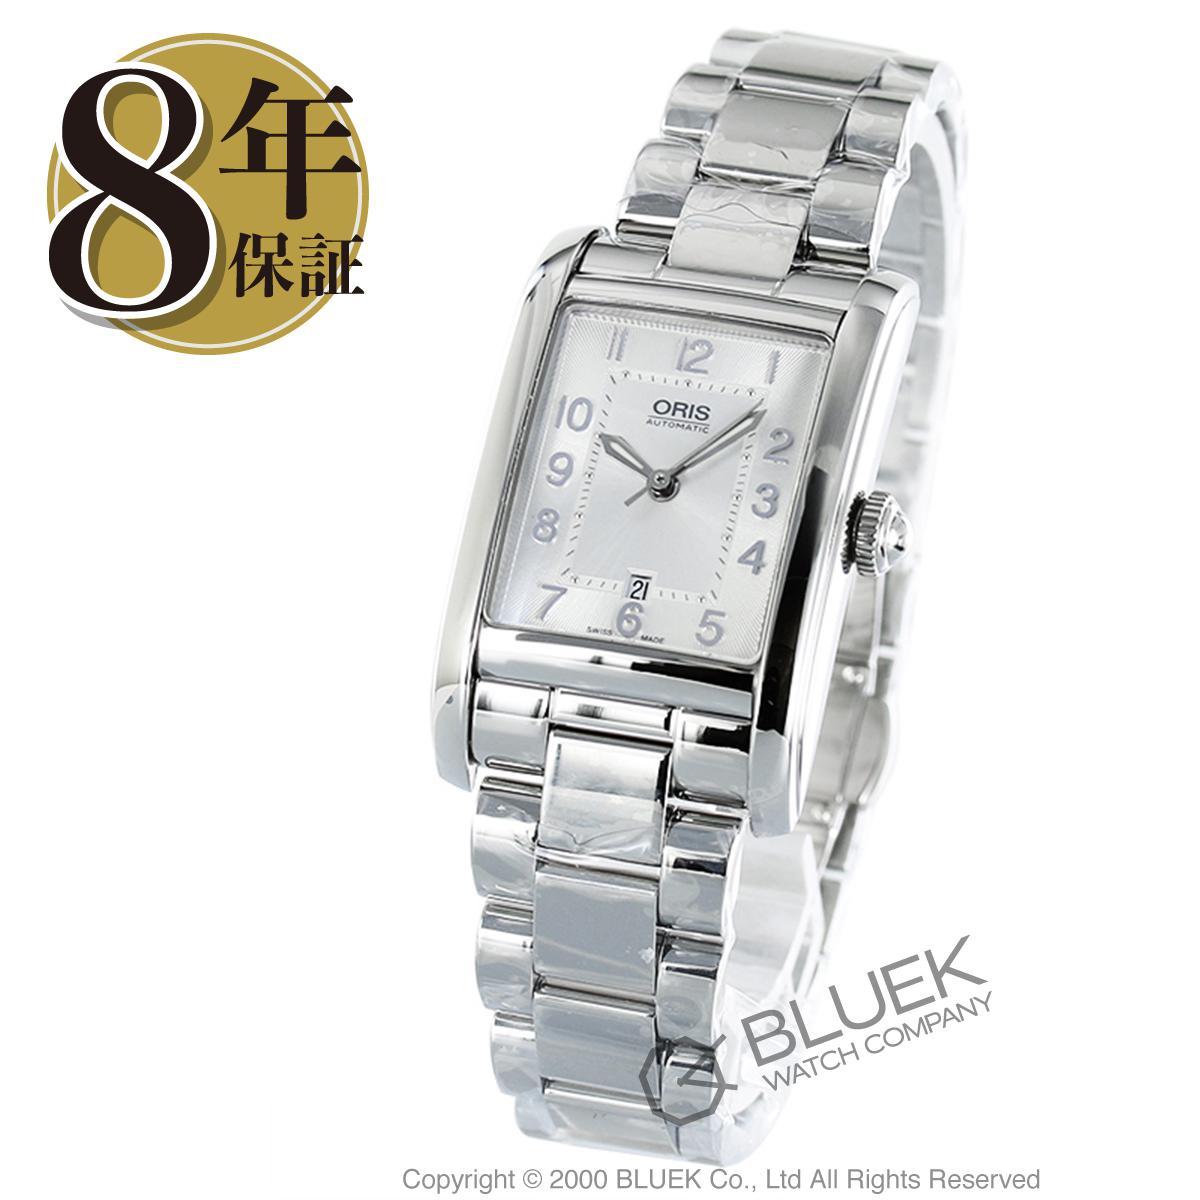 オリス レクタンギュラー デイト 腕時計 レディース ORIS 561 7692 4061M_8